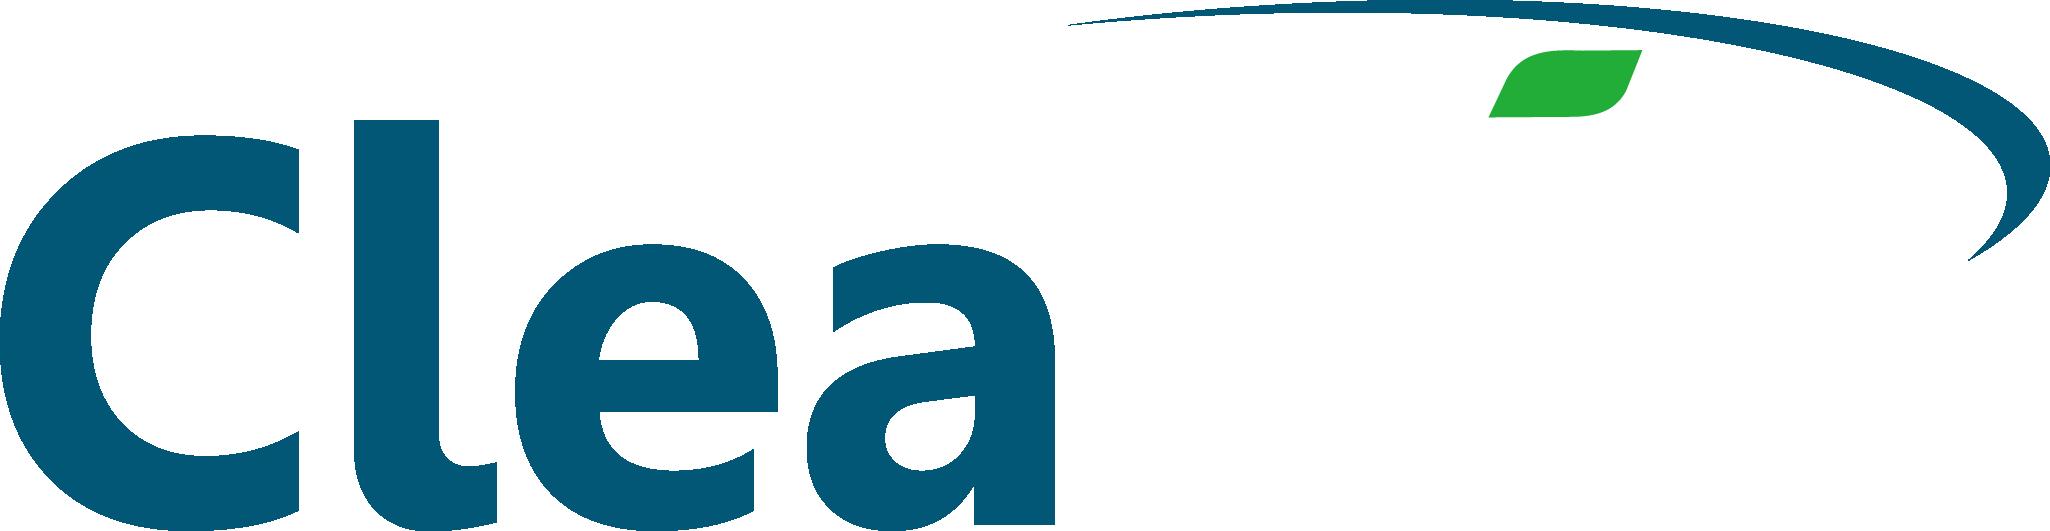 陕西弗凯尔环保科技有限公司